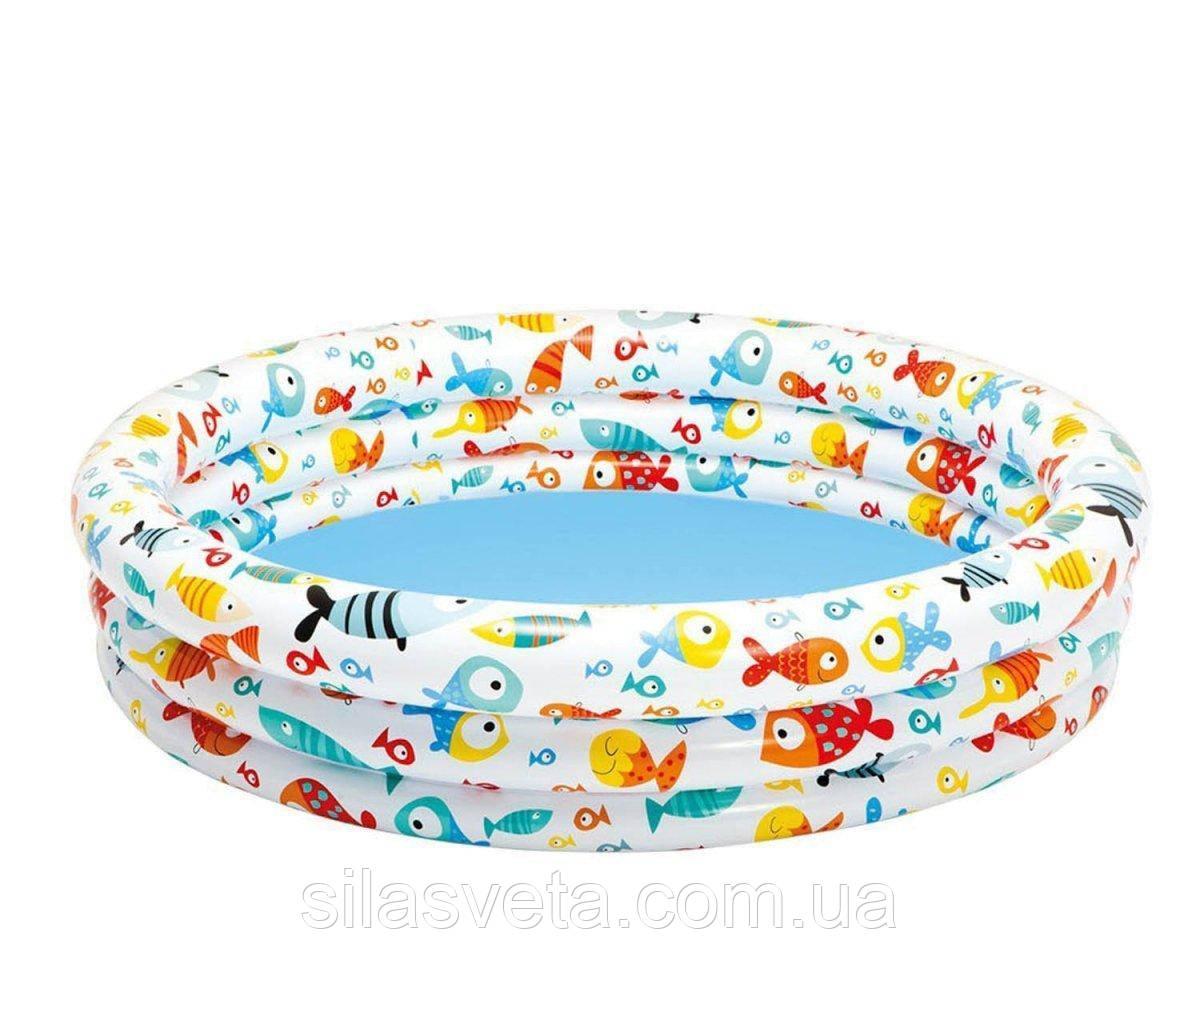 """Надувной детский бассейн с ненадувным дном, Intex 59431 """"Аквариум"""" (132х28 см.) объём 248 л."""